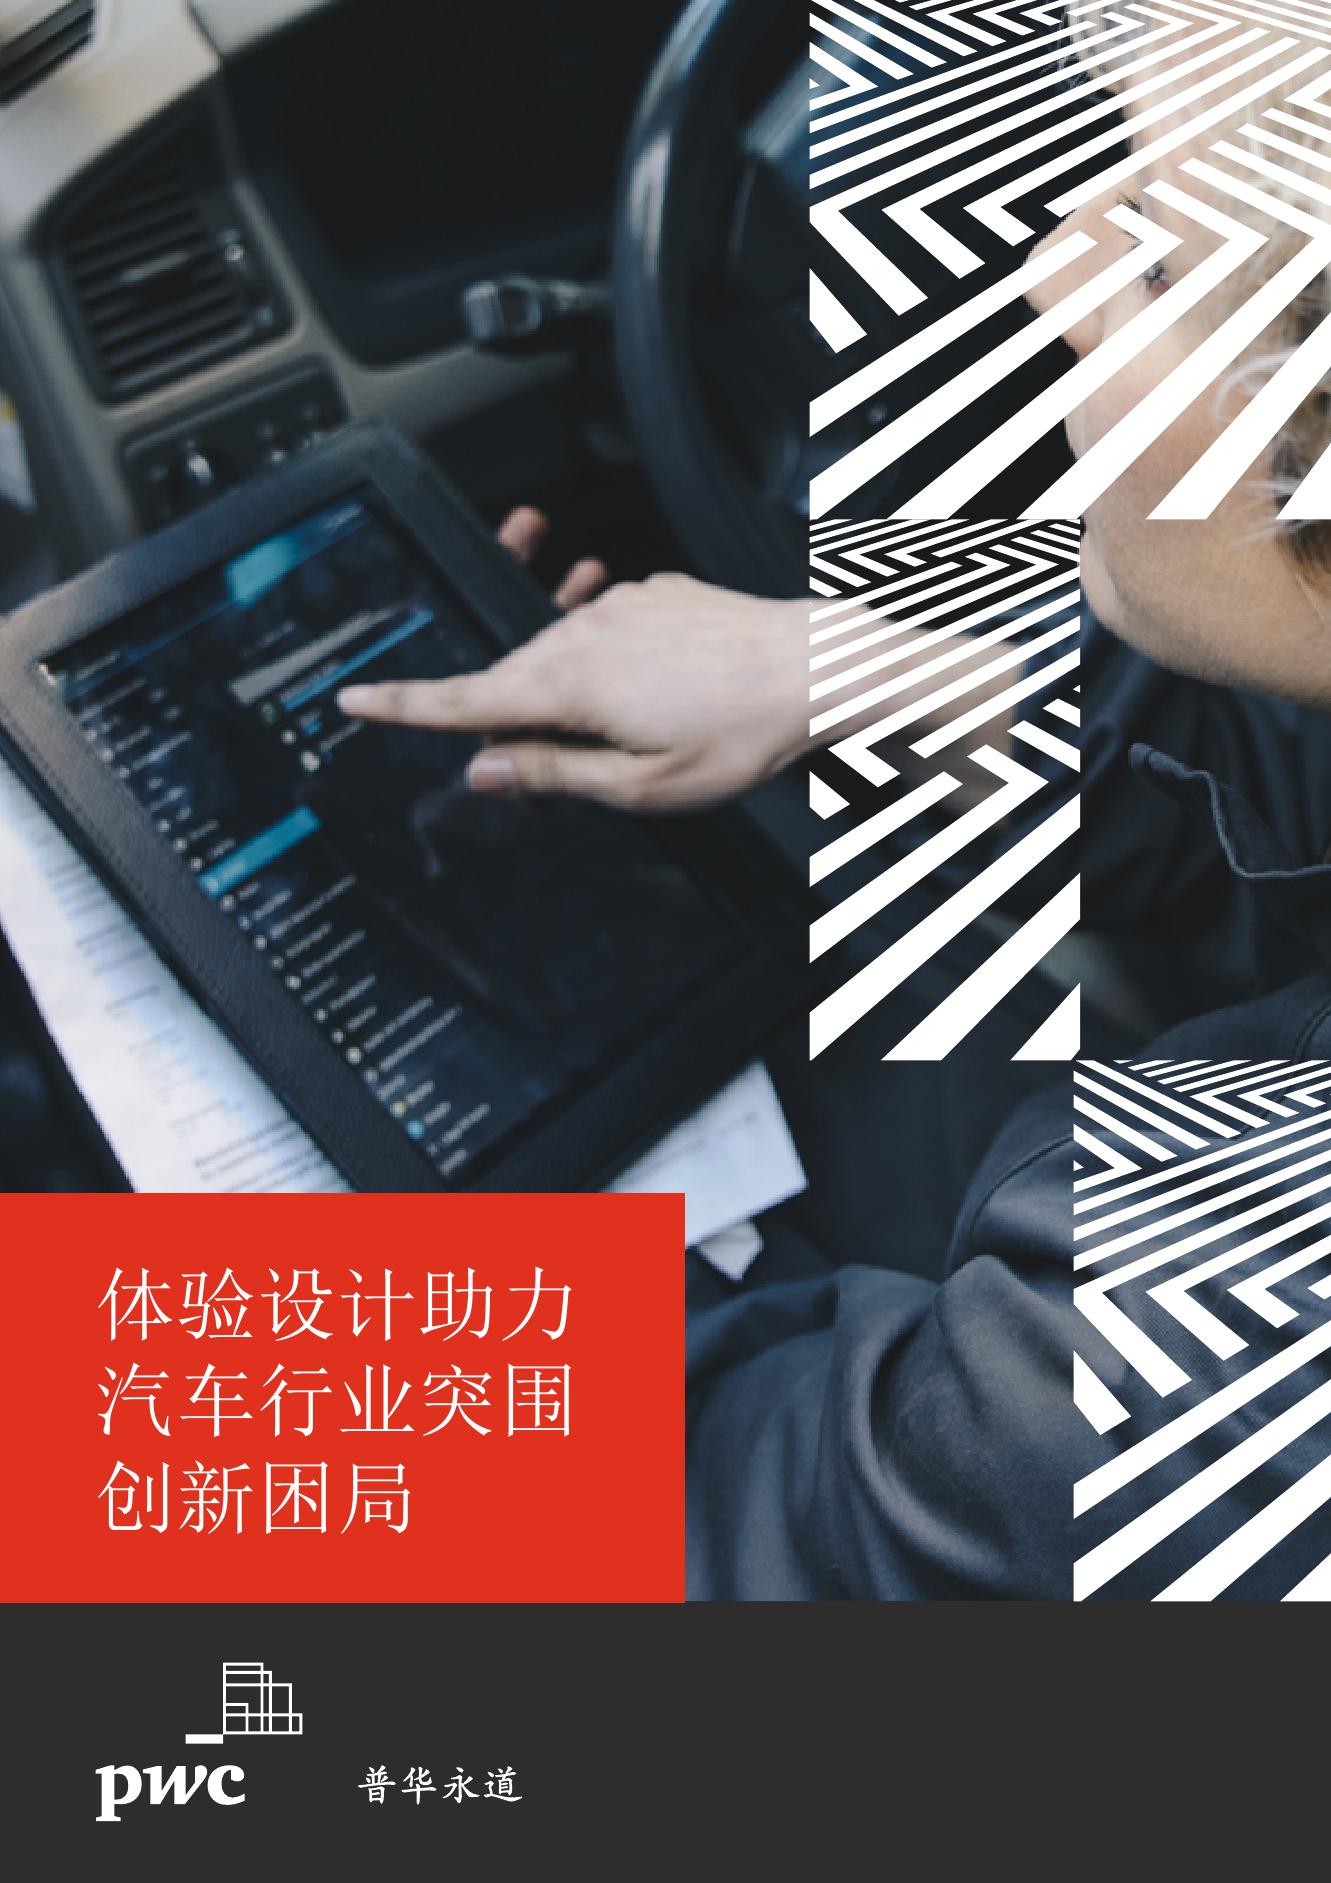 普华永道:体验设计助力车企突围同质化困境(附下载)